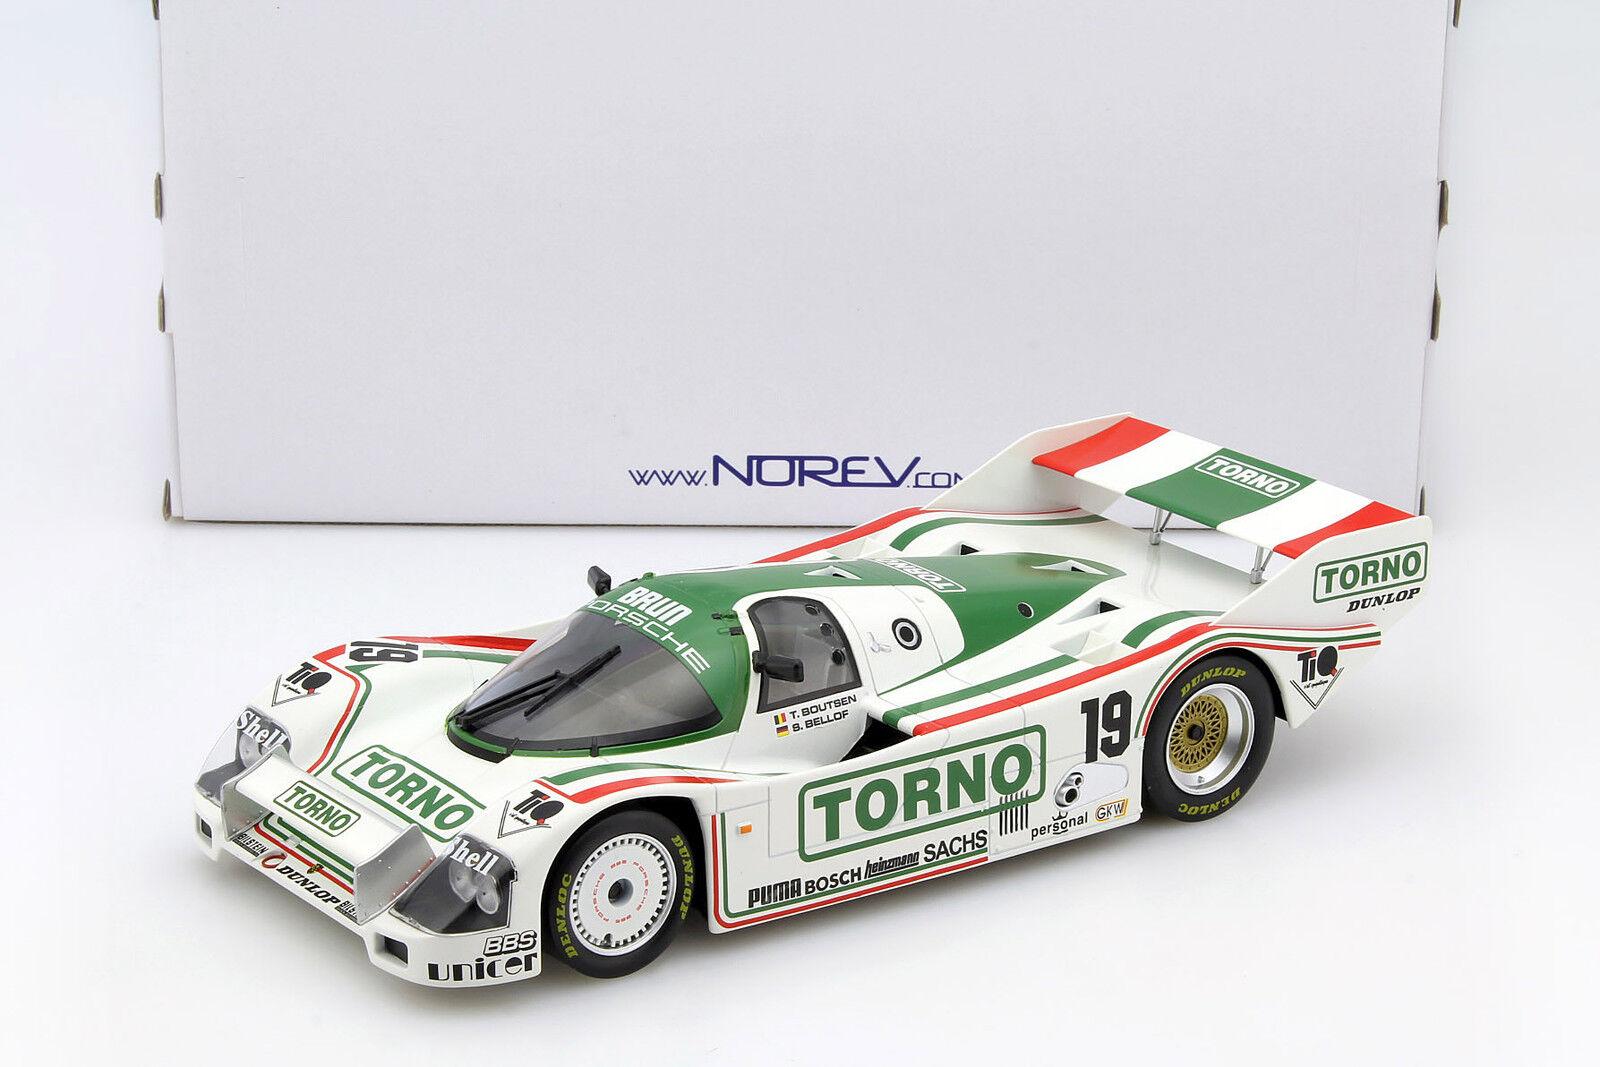 Porsche 962 C rd 1000km 1985 mugello Bellof, Boutsen 1 18 norev